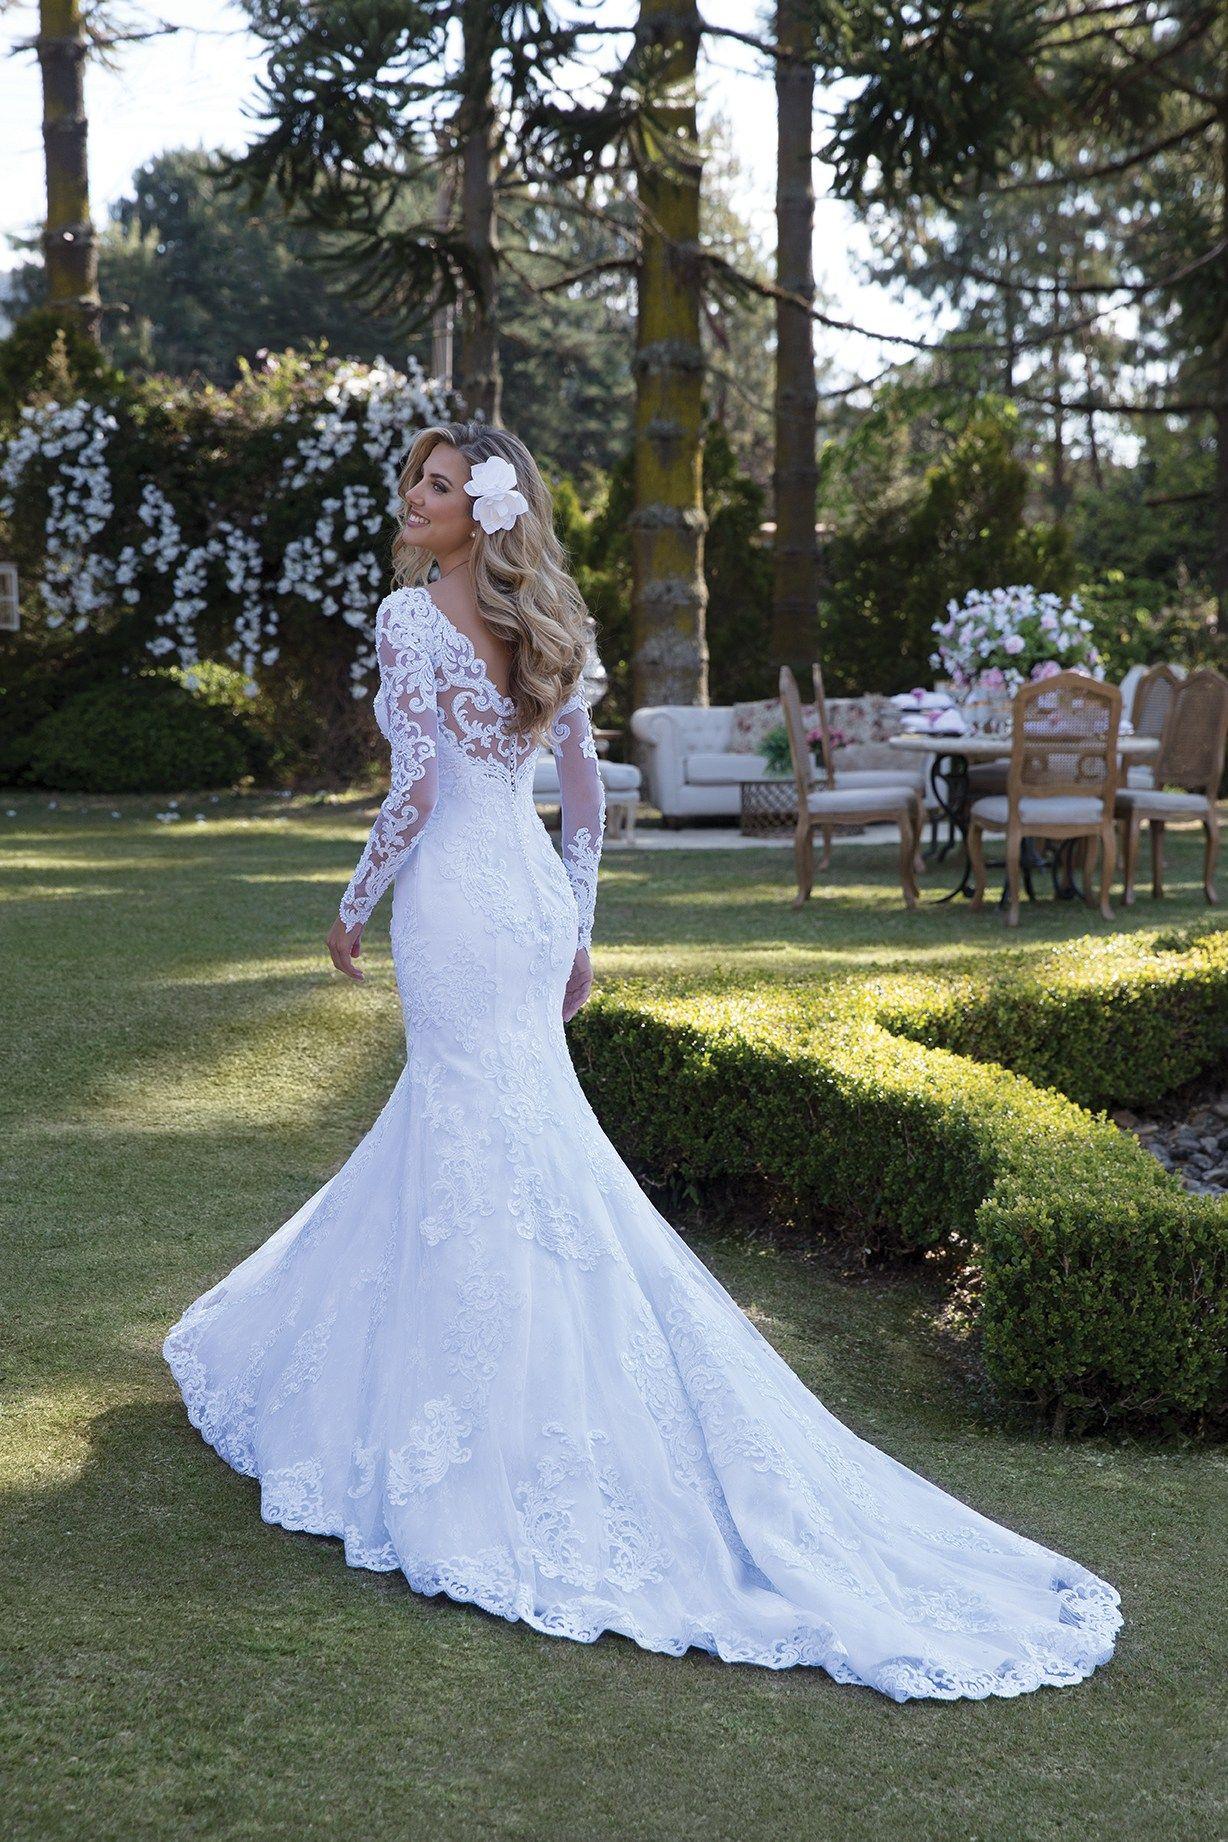 Inspirações para vestidos de noiva modelo hortênsia tvestidos de